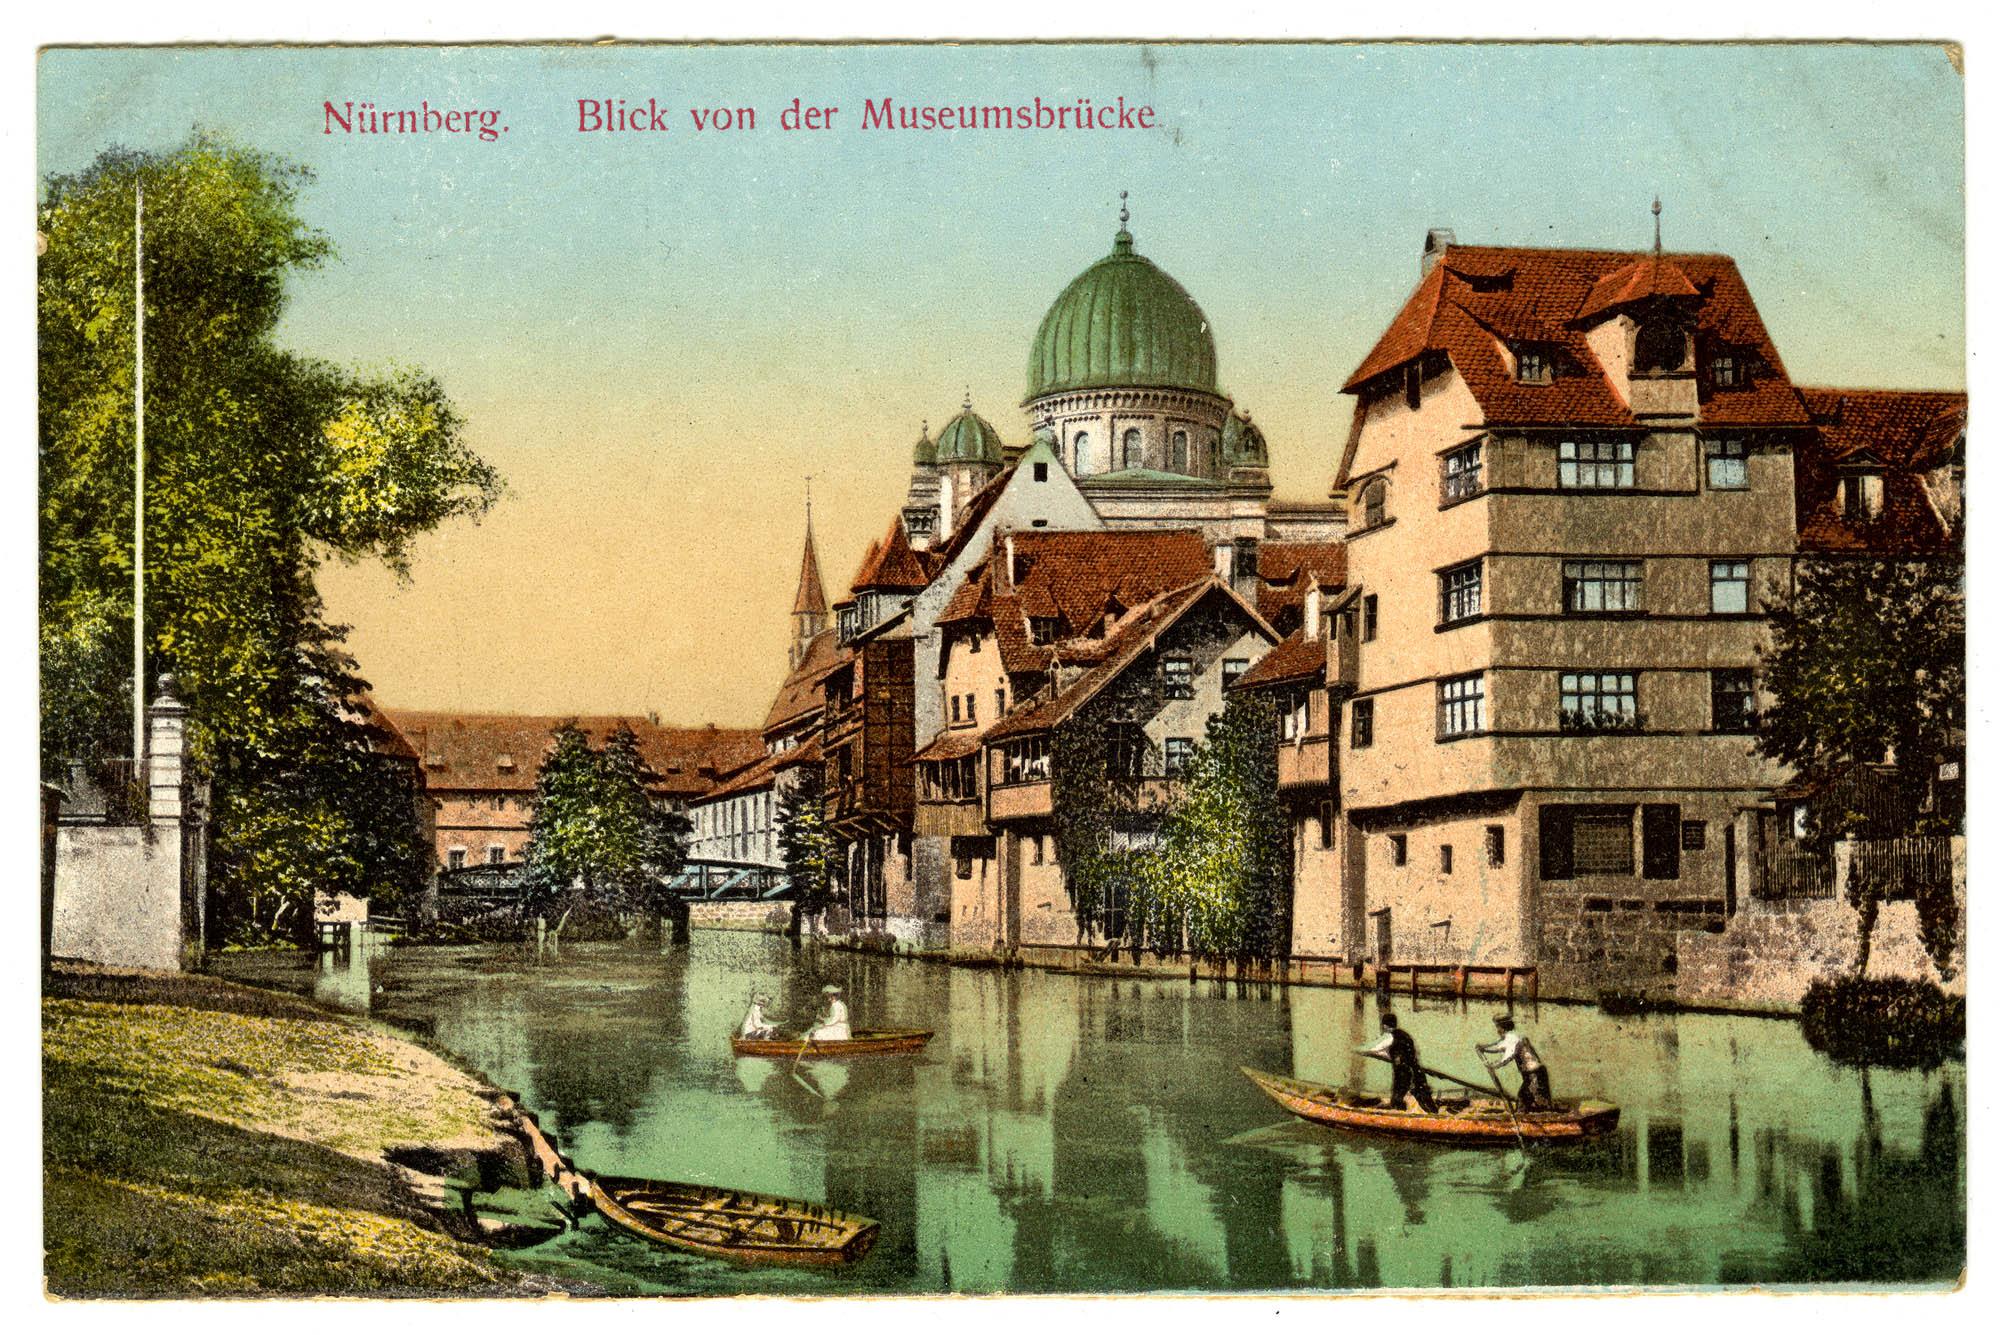 Nürnberg. Blick von der Museumsbrücke.